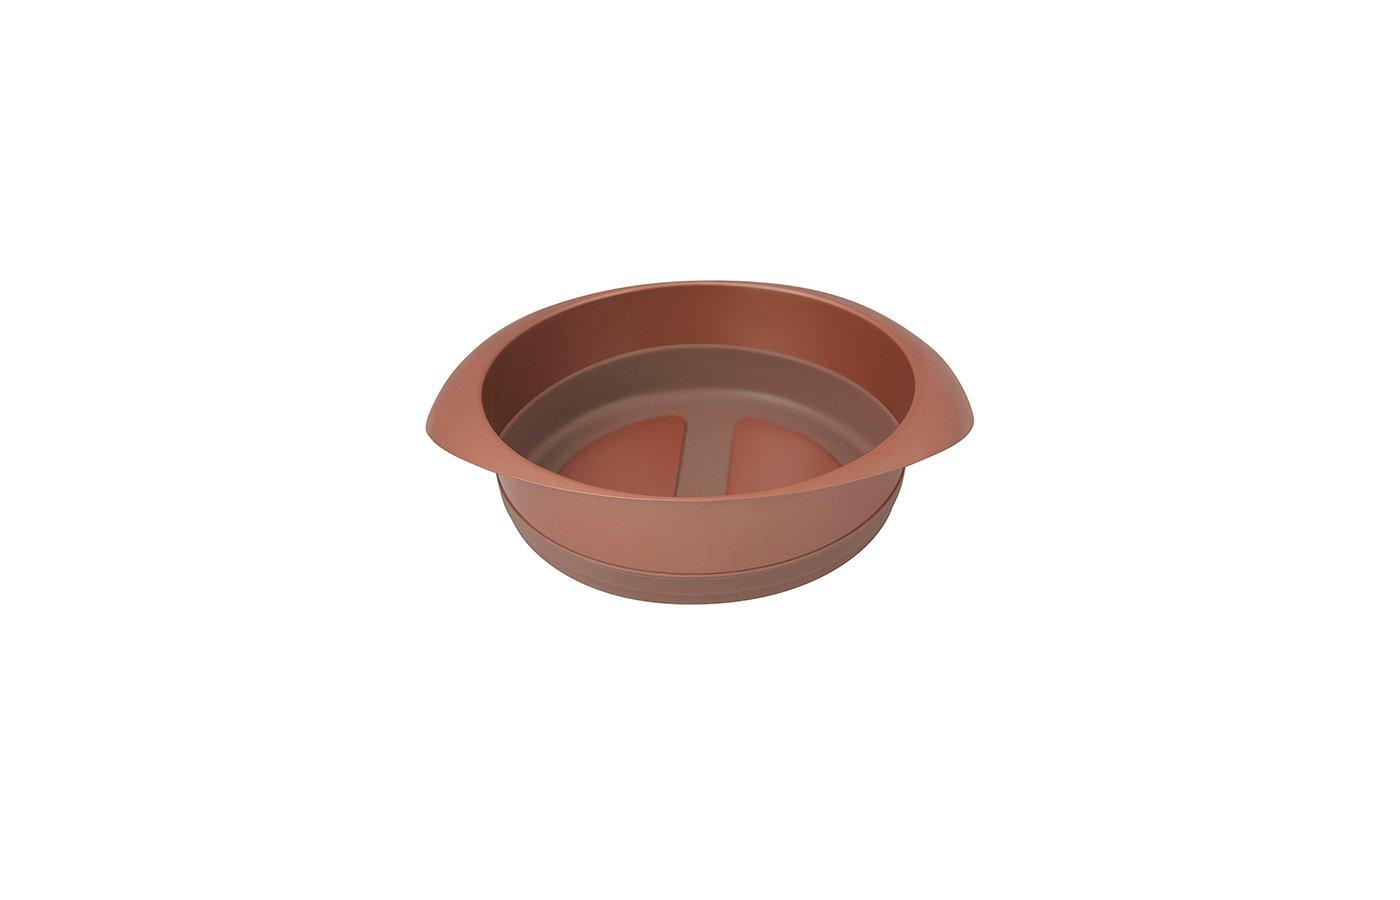 Форма для выпечки металлическая Rondell RDF-449 д/выпечки малая